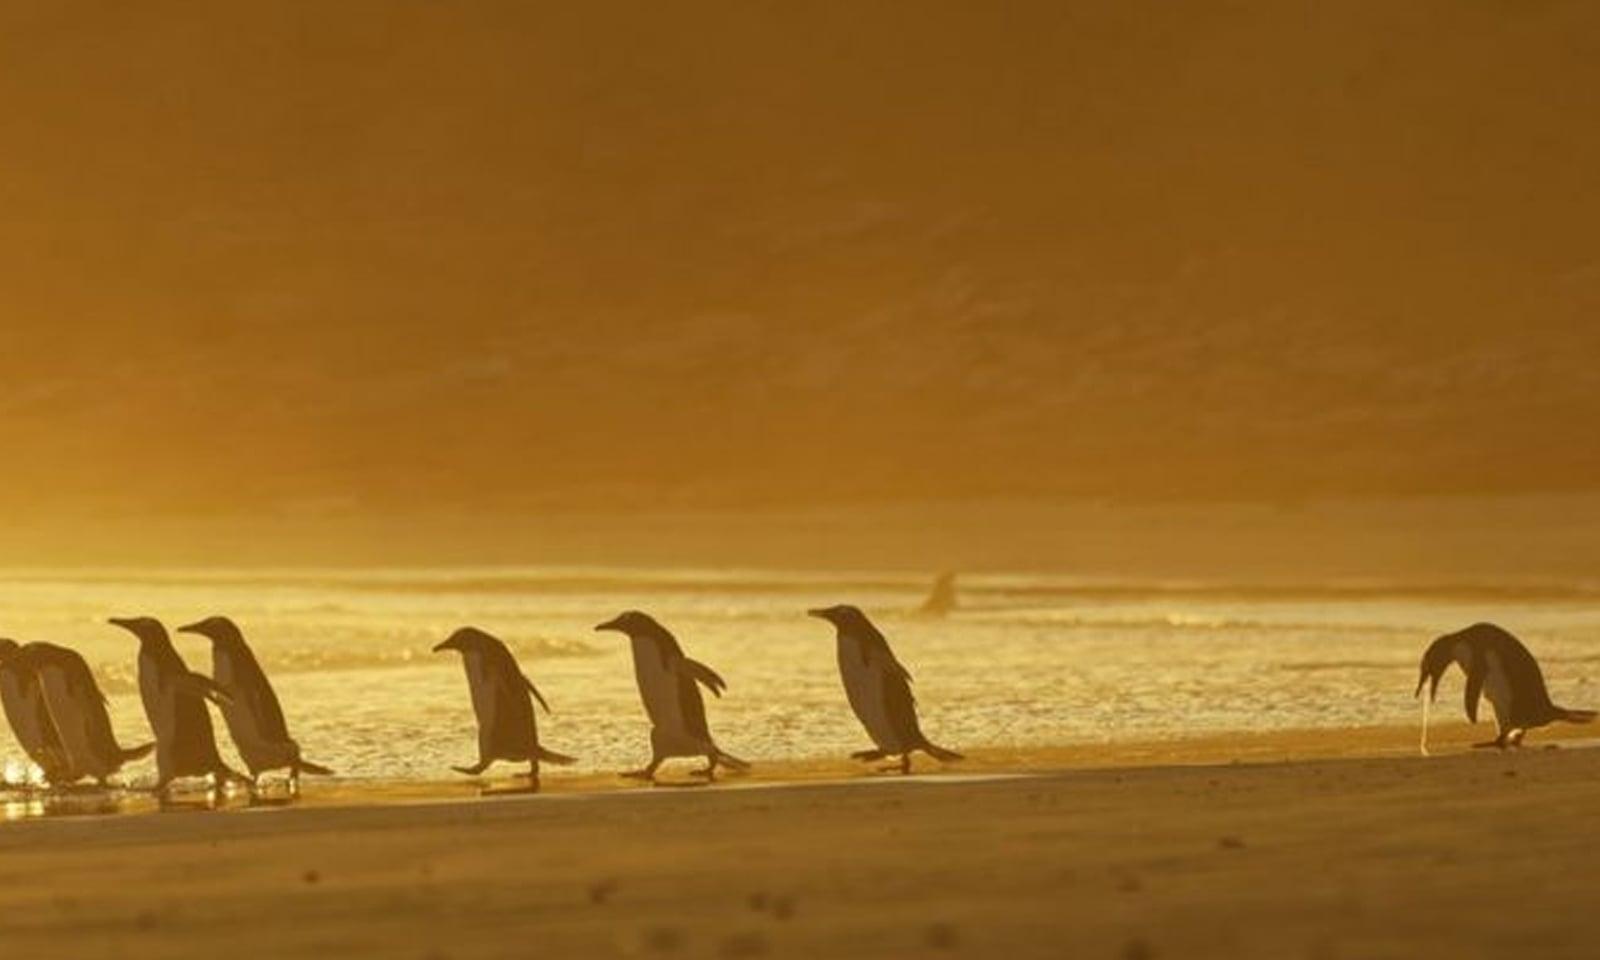 فاک لینڈ جزیرے میں سب سے الگ کھڑا پینگوئن— /فوٹو:کرسٹینا ہالفیلڈر کامیڈی وائلڈ لائف فوٹوگرافی